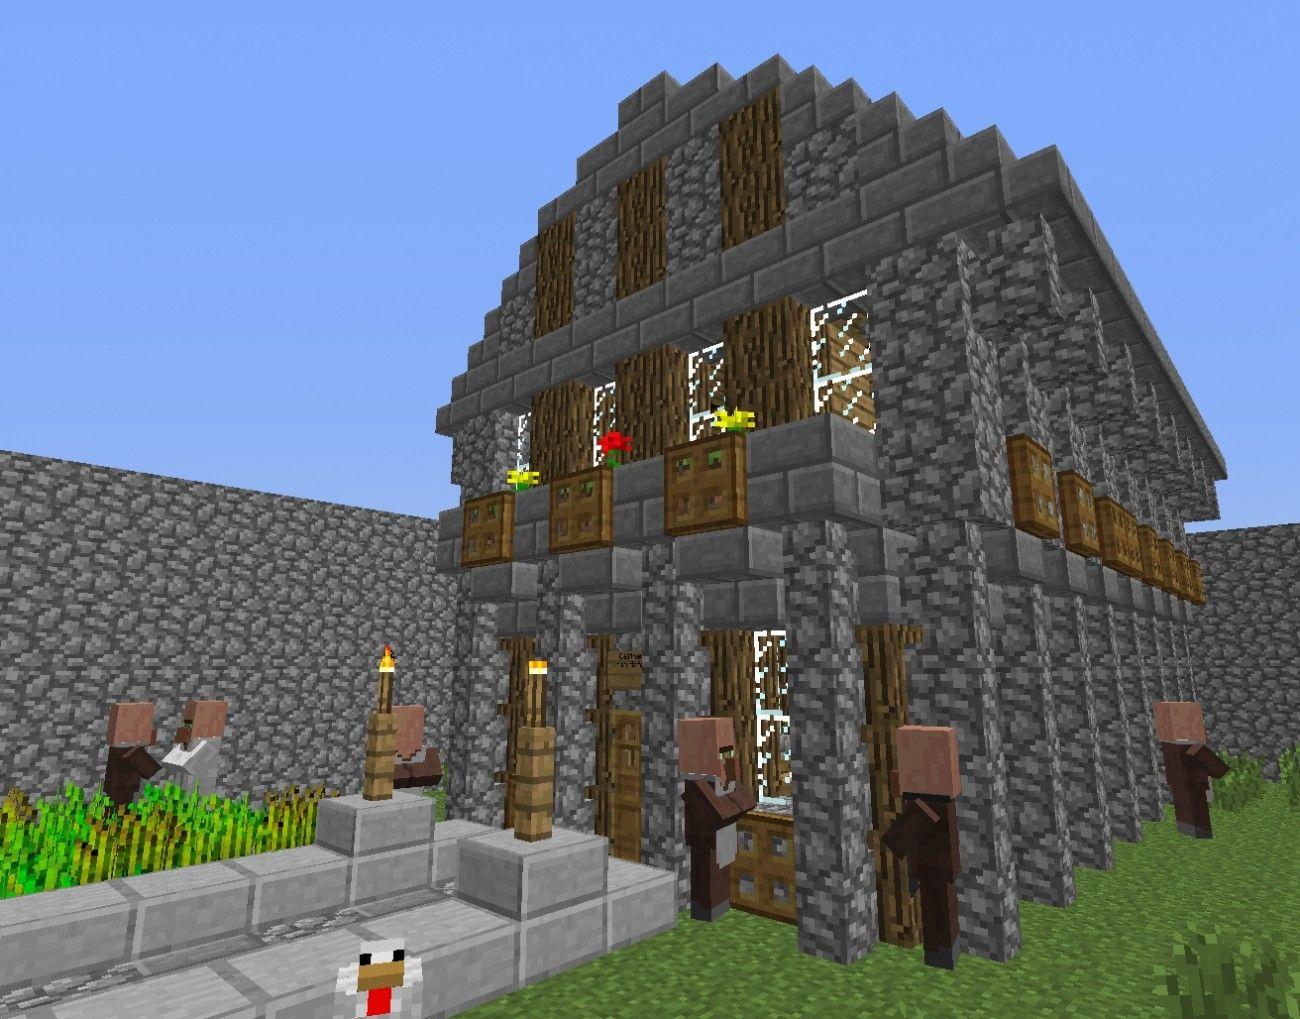 Minecraft Hauser Zum Nachbauen Einfach Mit Mittelalter Haus In Minecraft Bauen Minecraft Bauideen De 20 Und Mittela In 2020 Mittelalter Haus Minecraft Bauen Haus Bauen